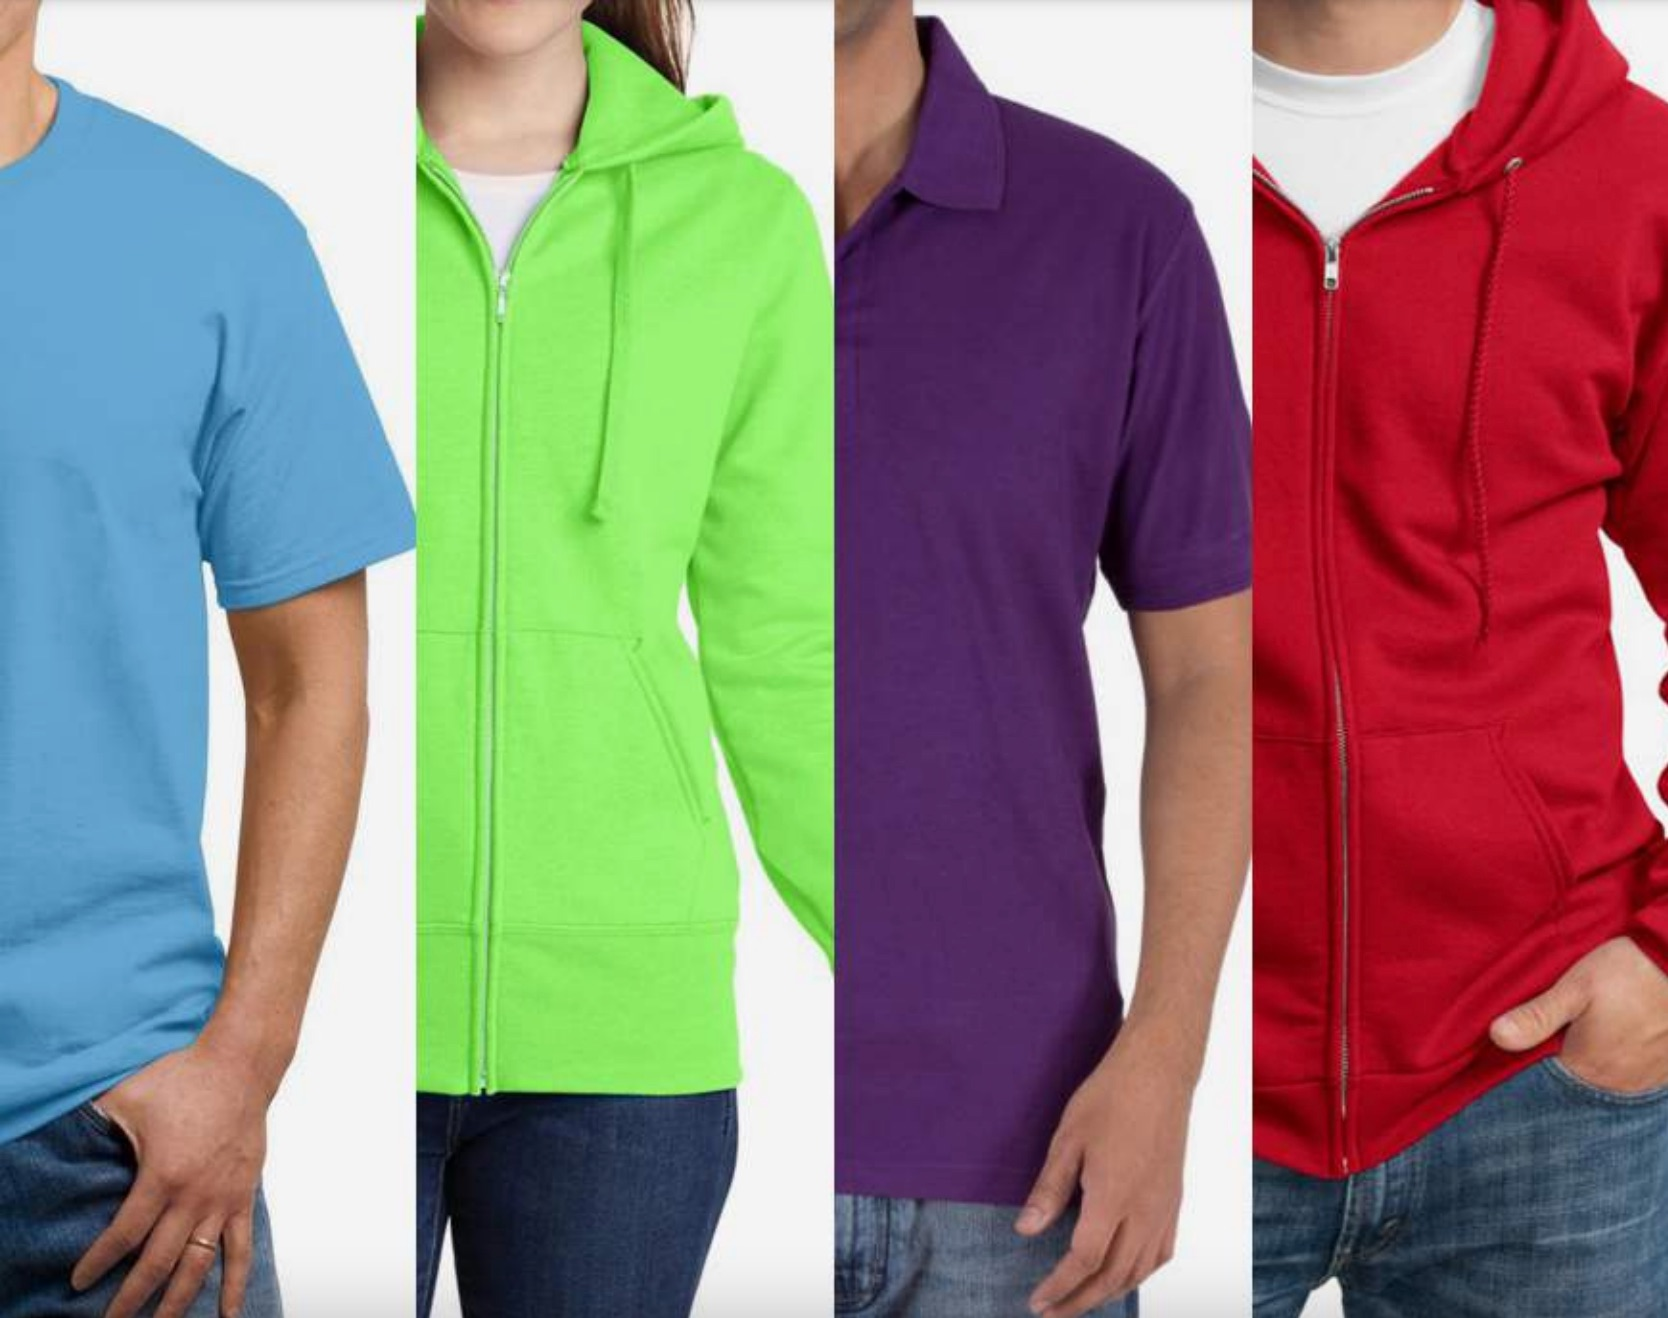 Blank apparel manufacturer